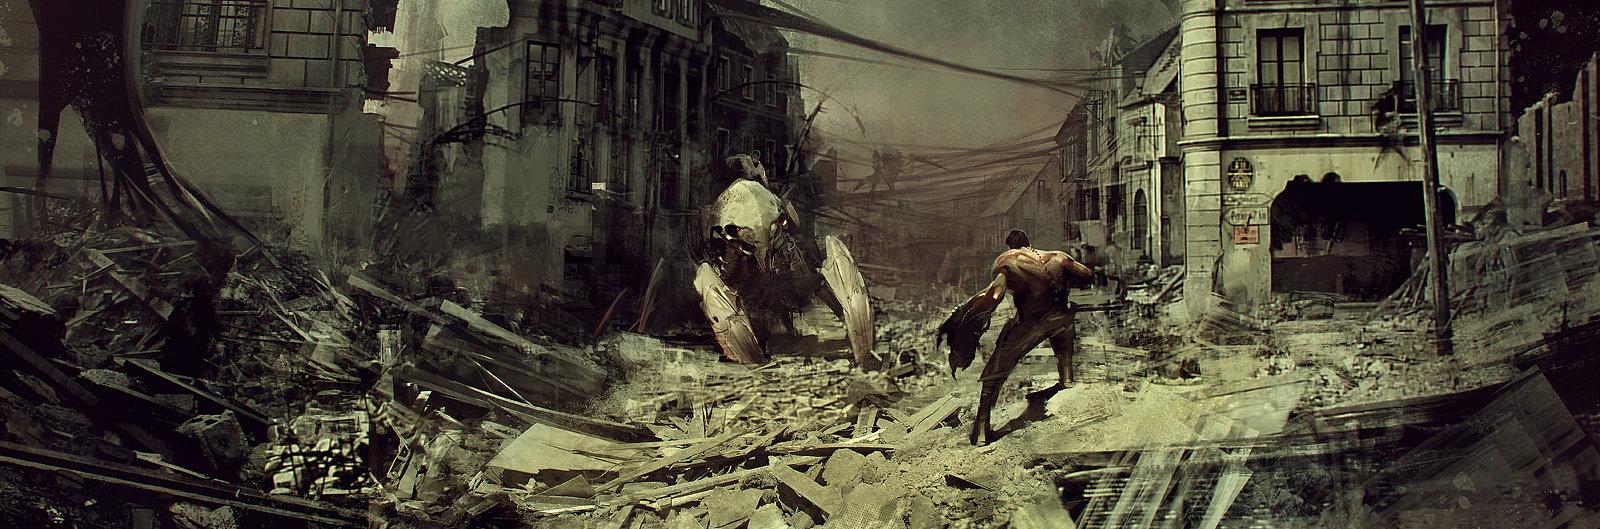 Sergey kolesov 08town spider attack post